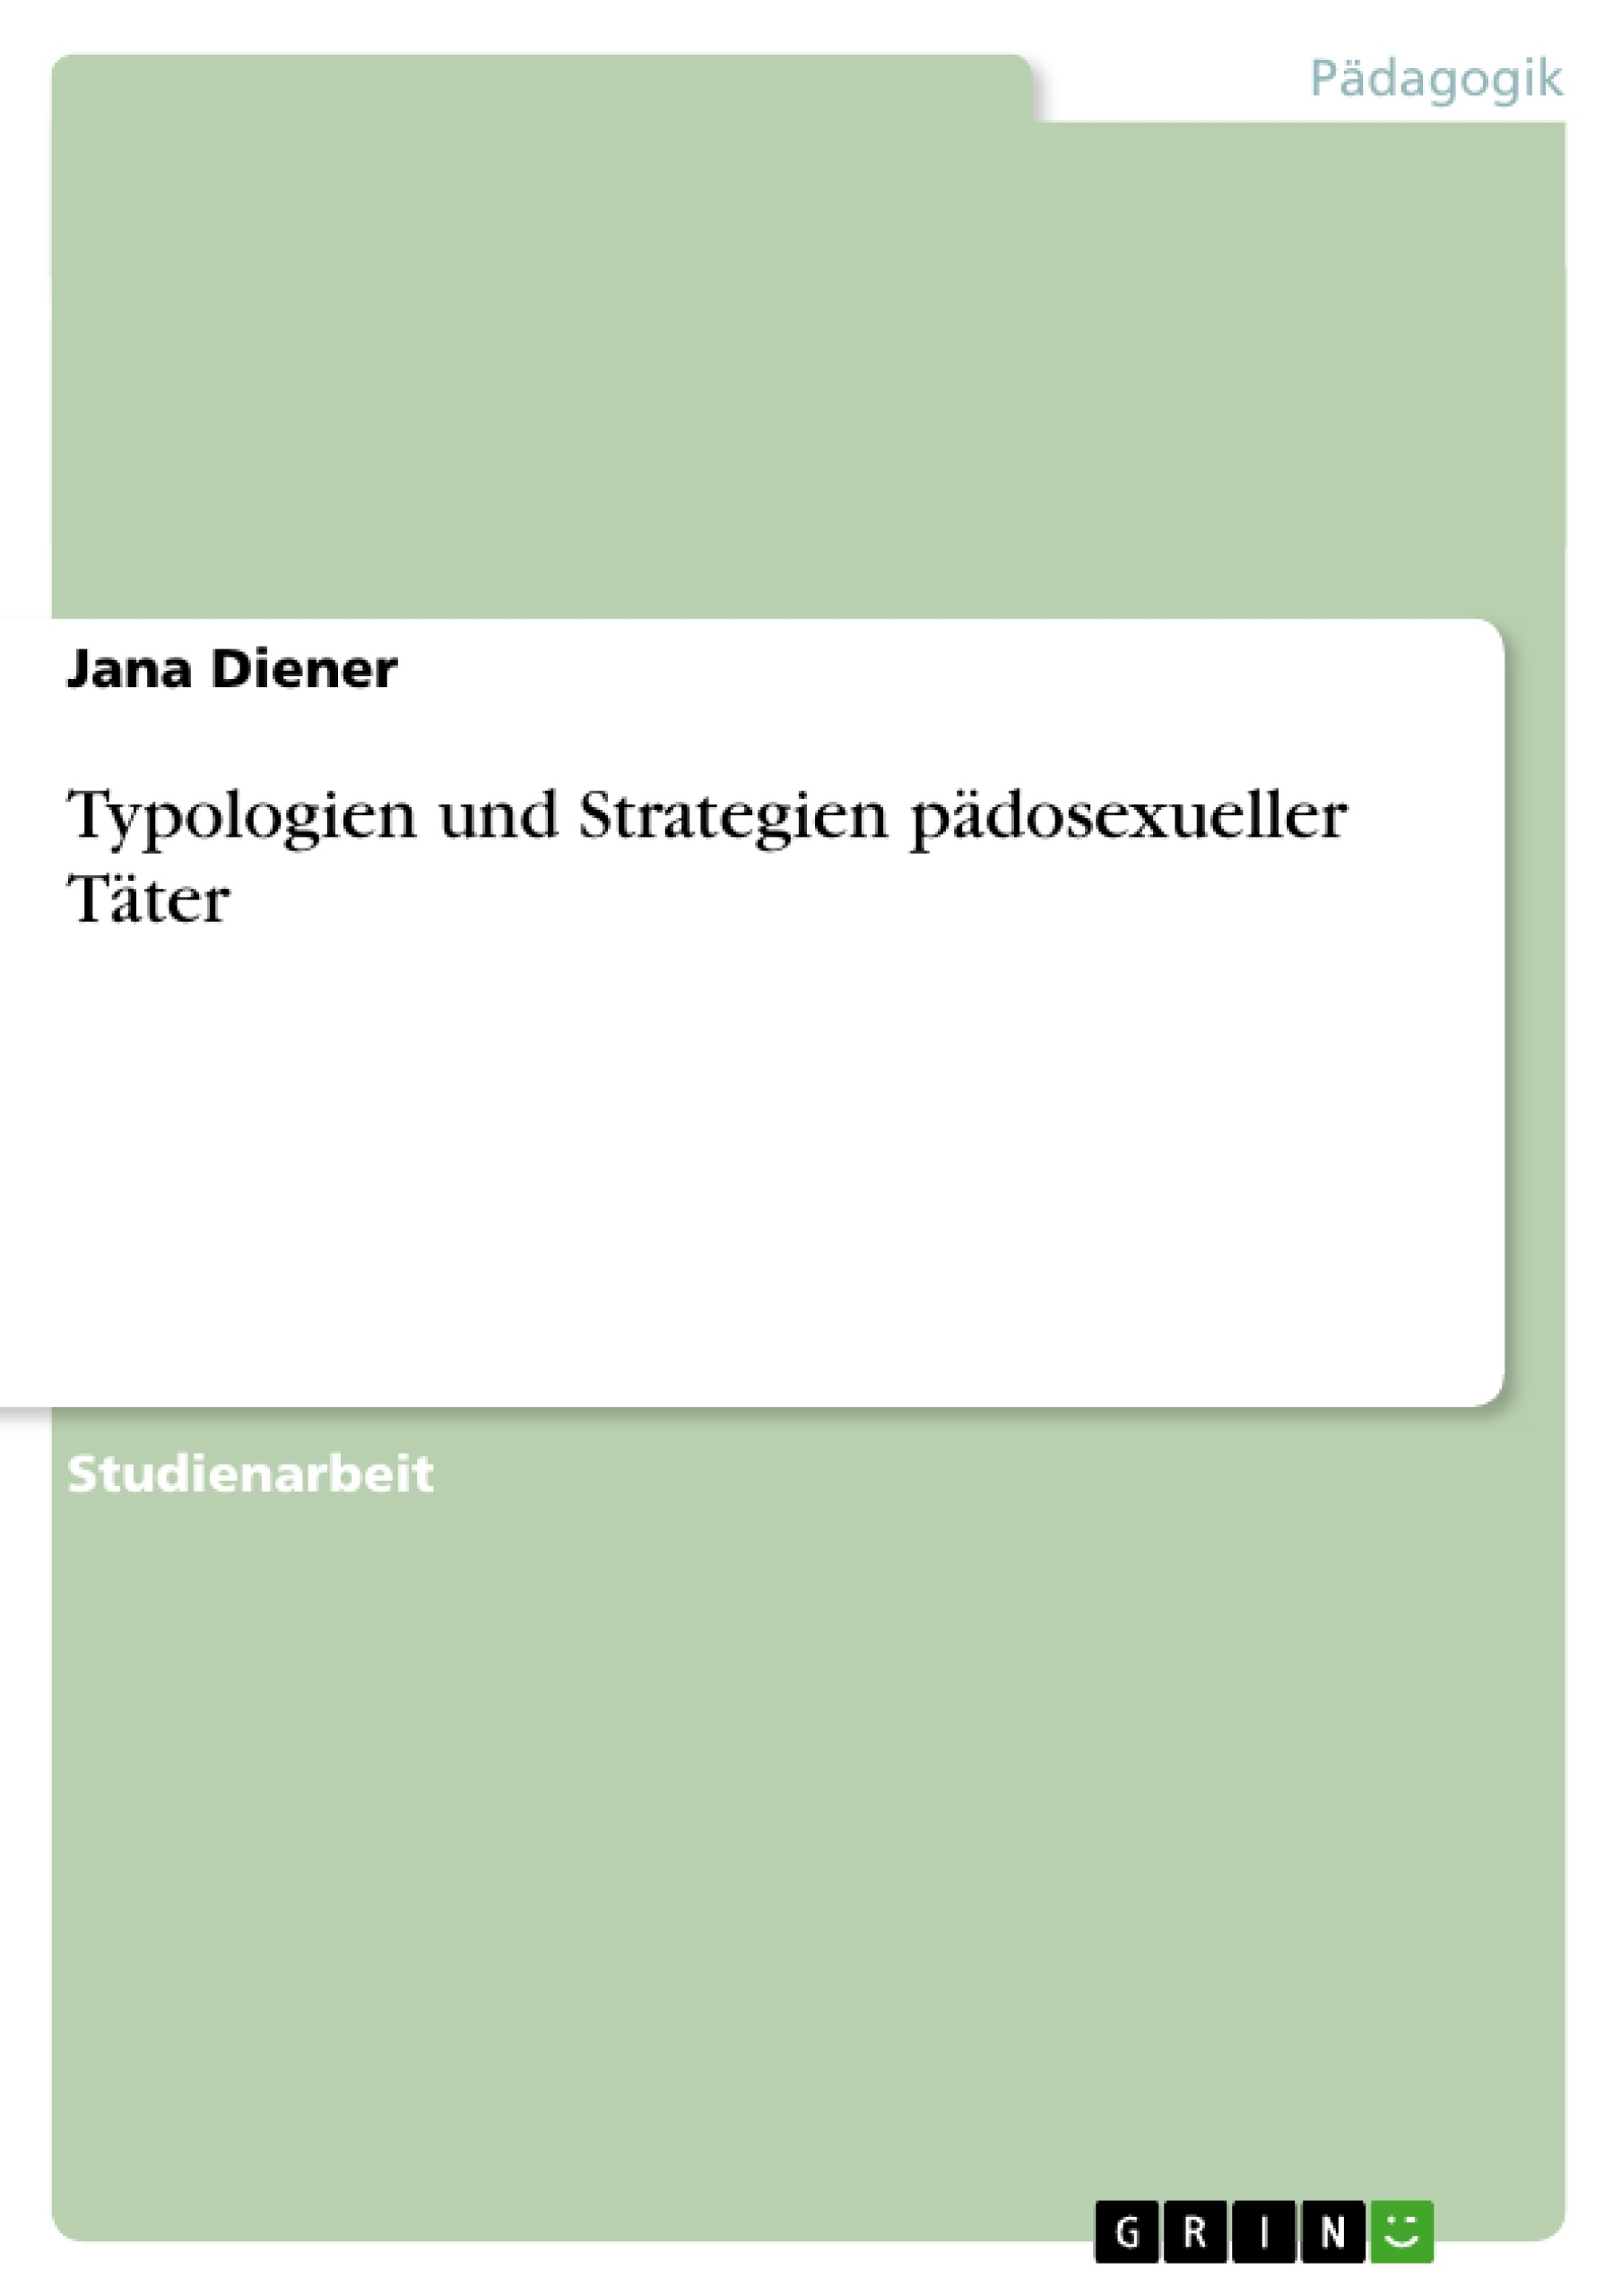 Titel: Typologien und Strategien pädosexueller Täter